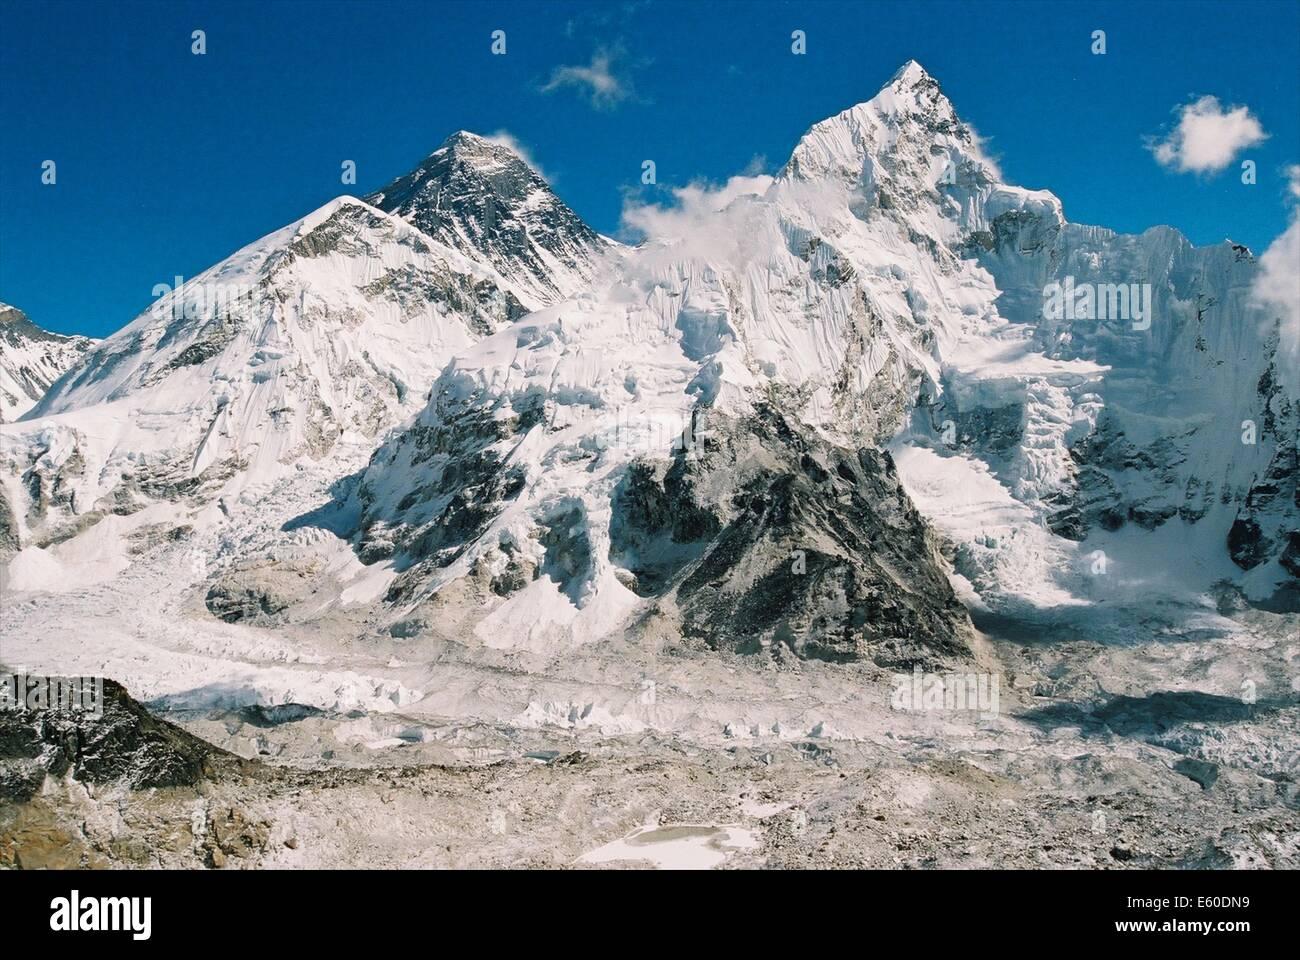 Il monte Everest, i mondi più alto picco a 8885 mslm, come si vede dalla Valle del Khumbu, himalaya nepalese Immagini Stock